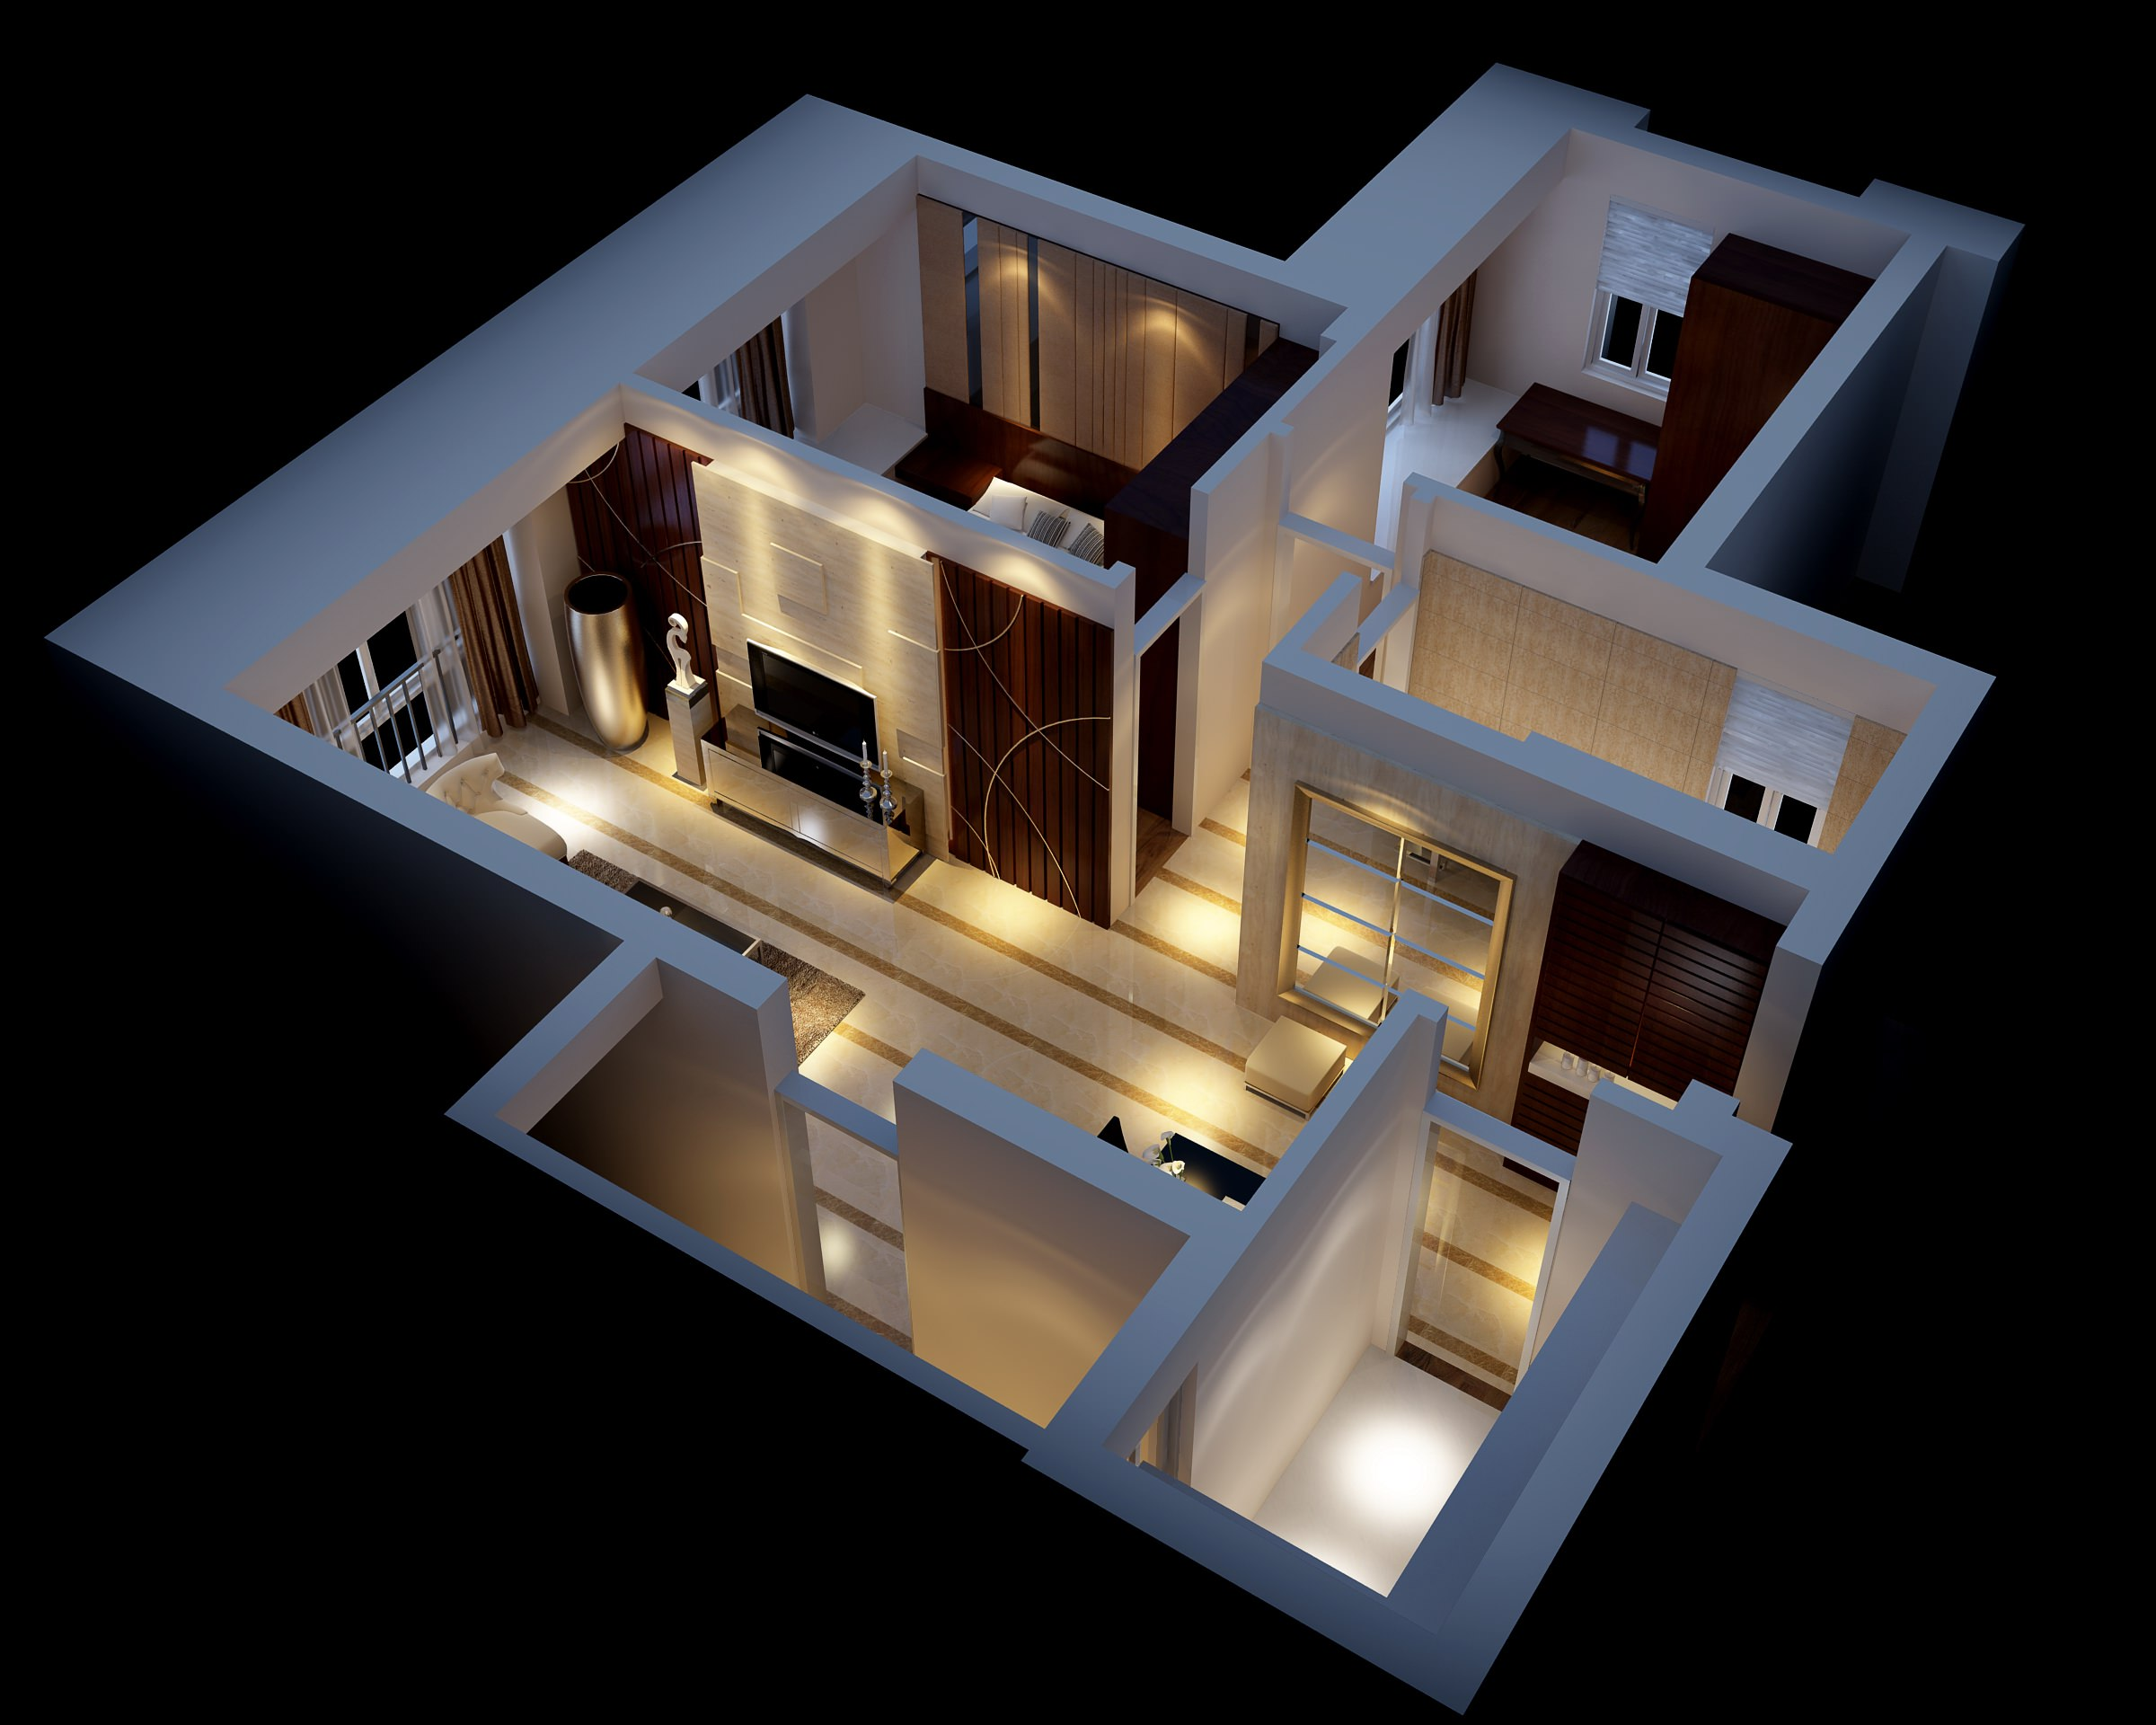 partment rchitecture Model: Faulding rchitecture » Model ... - ^